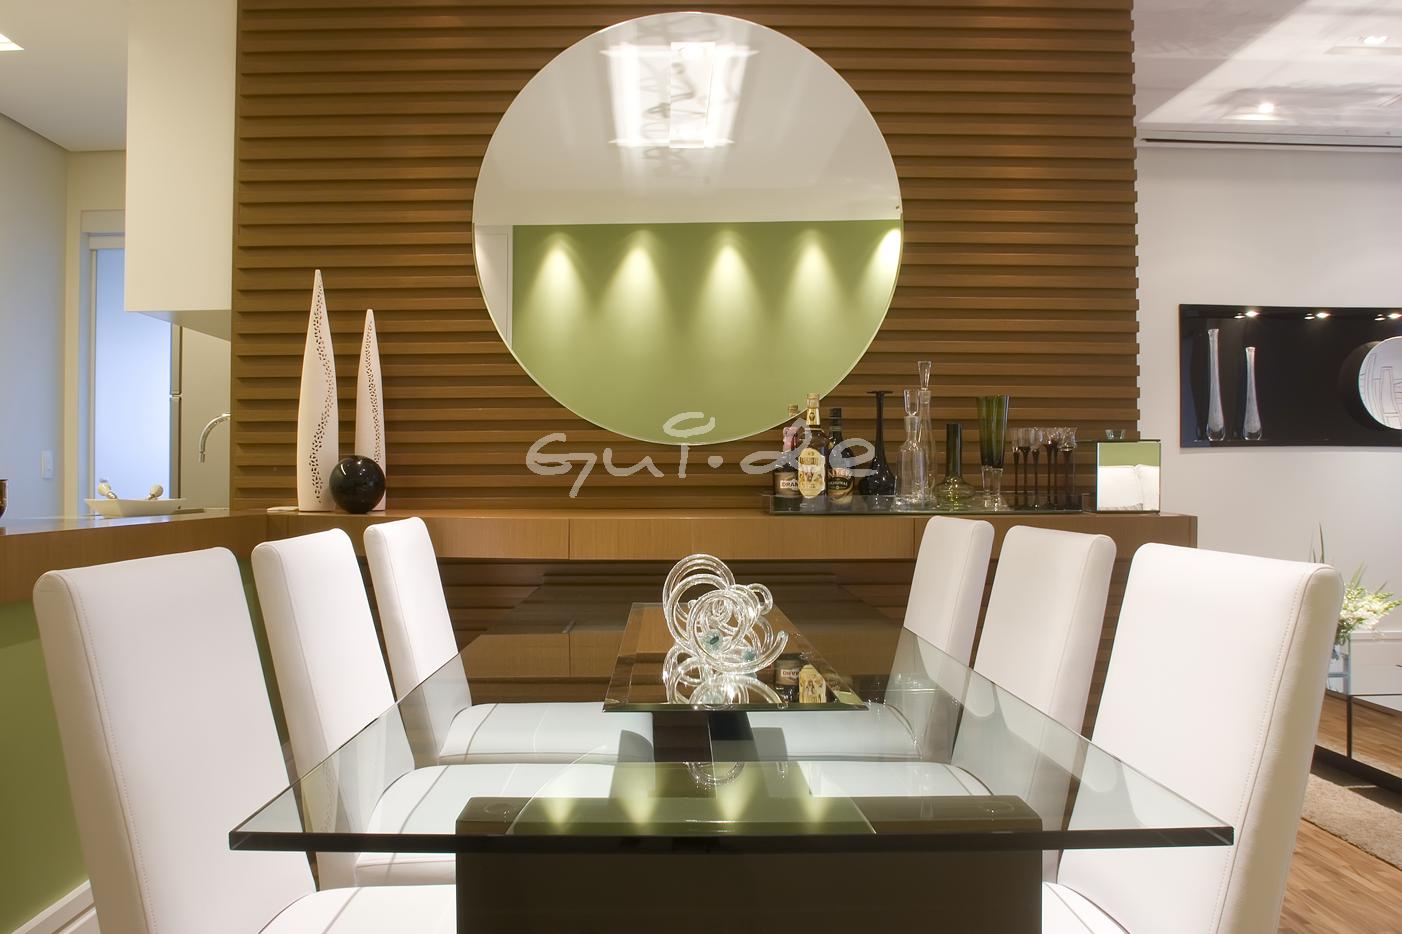 Espelho Redondo Para Sala De Jantar PLACES + DECORACION + INTERIORES Sala de jantar, Espelho  # Decoração De Sala De Jantar Com Espelho Redondo